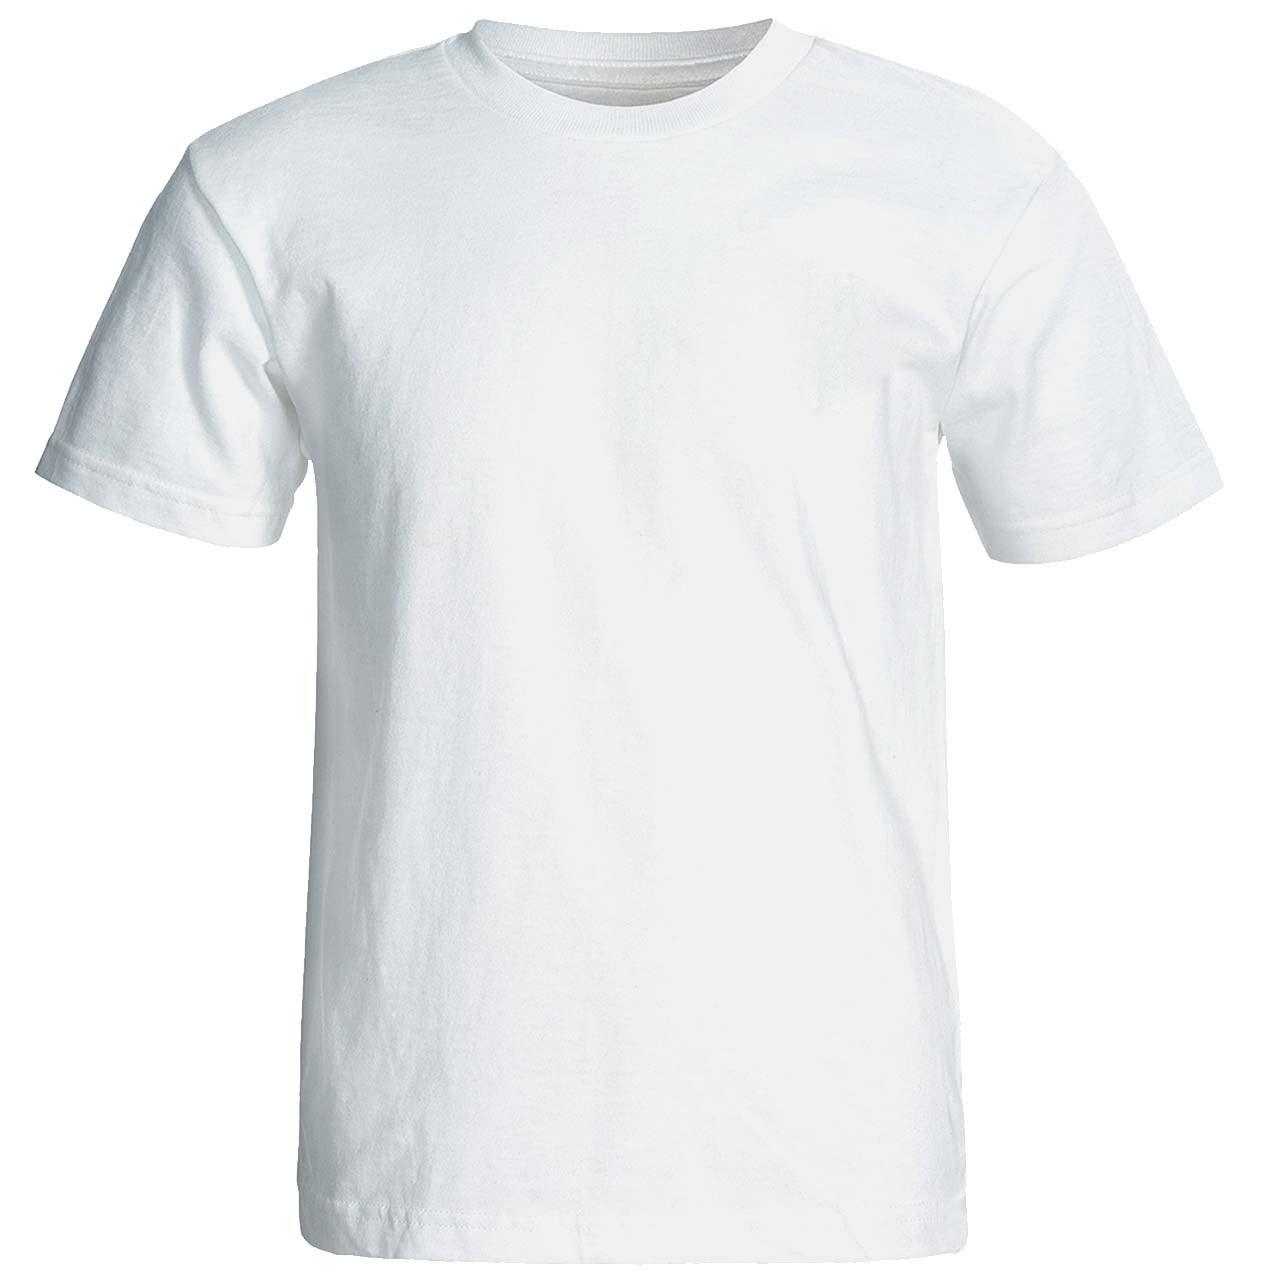 تی شرت سفید  آستین کوتاه نیکو